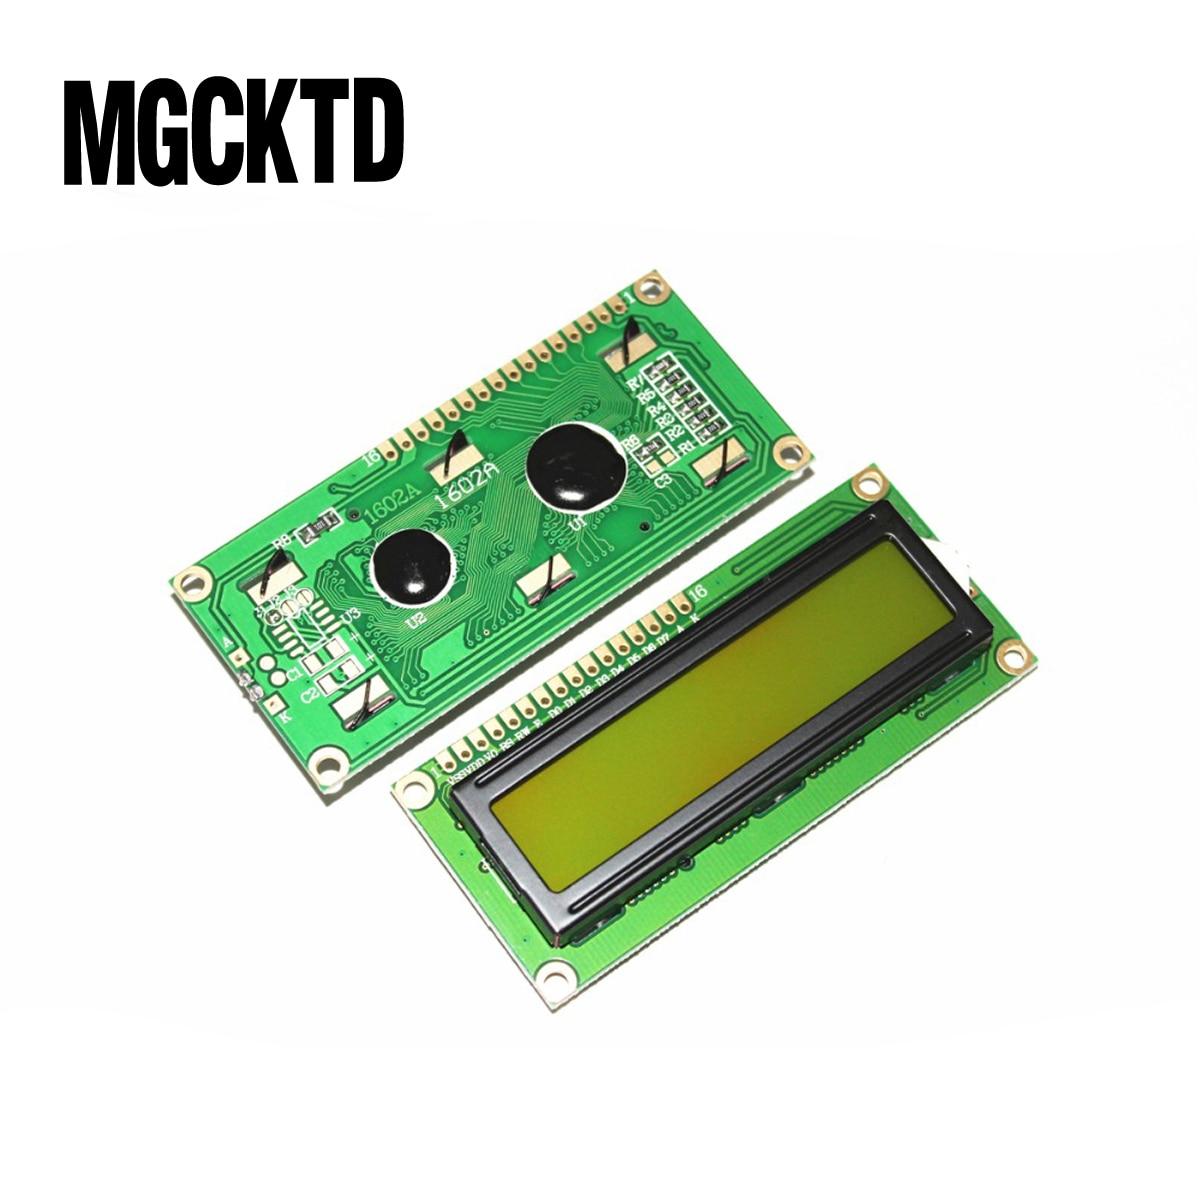 Módulo LCD1602 de 10 uds, pantalla verde, módulo de pantalla LCD de 16x2 caracteres, pantalla verde y código blanco Para Arduino UNO R3 Mega2560 TFT LCD, pantalla de visualización táctil, pantalla táctil de 2,4 pulgadas, módulo LCD, 18 bits, 262.000 pantallas diferentes